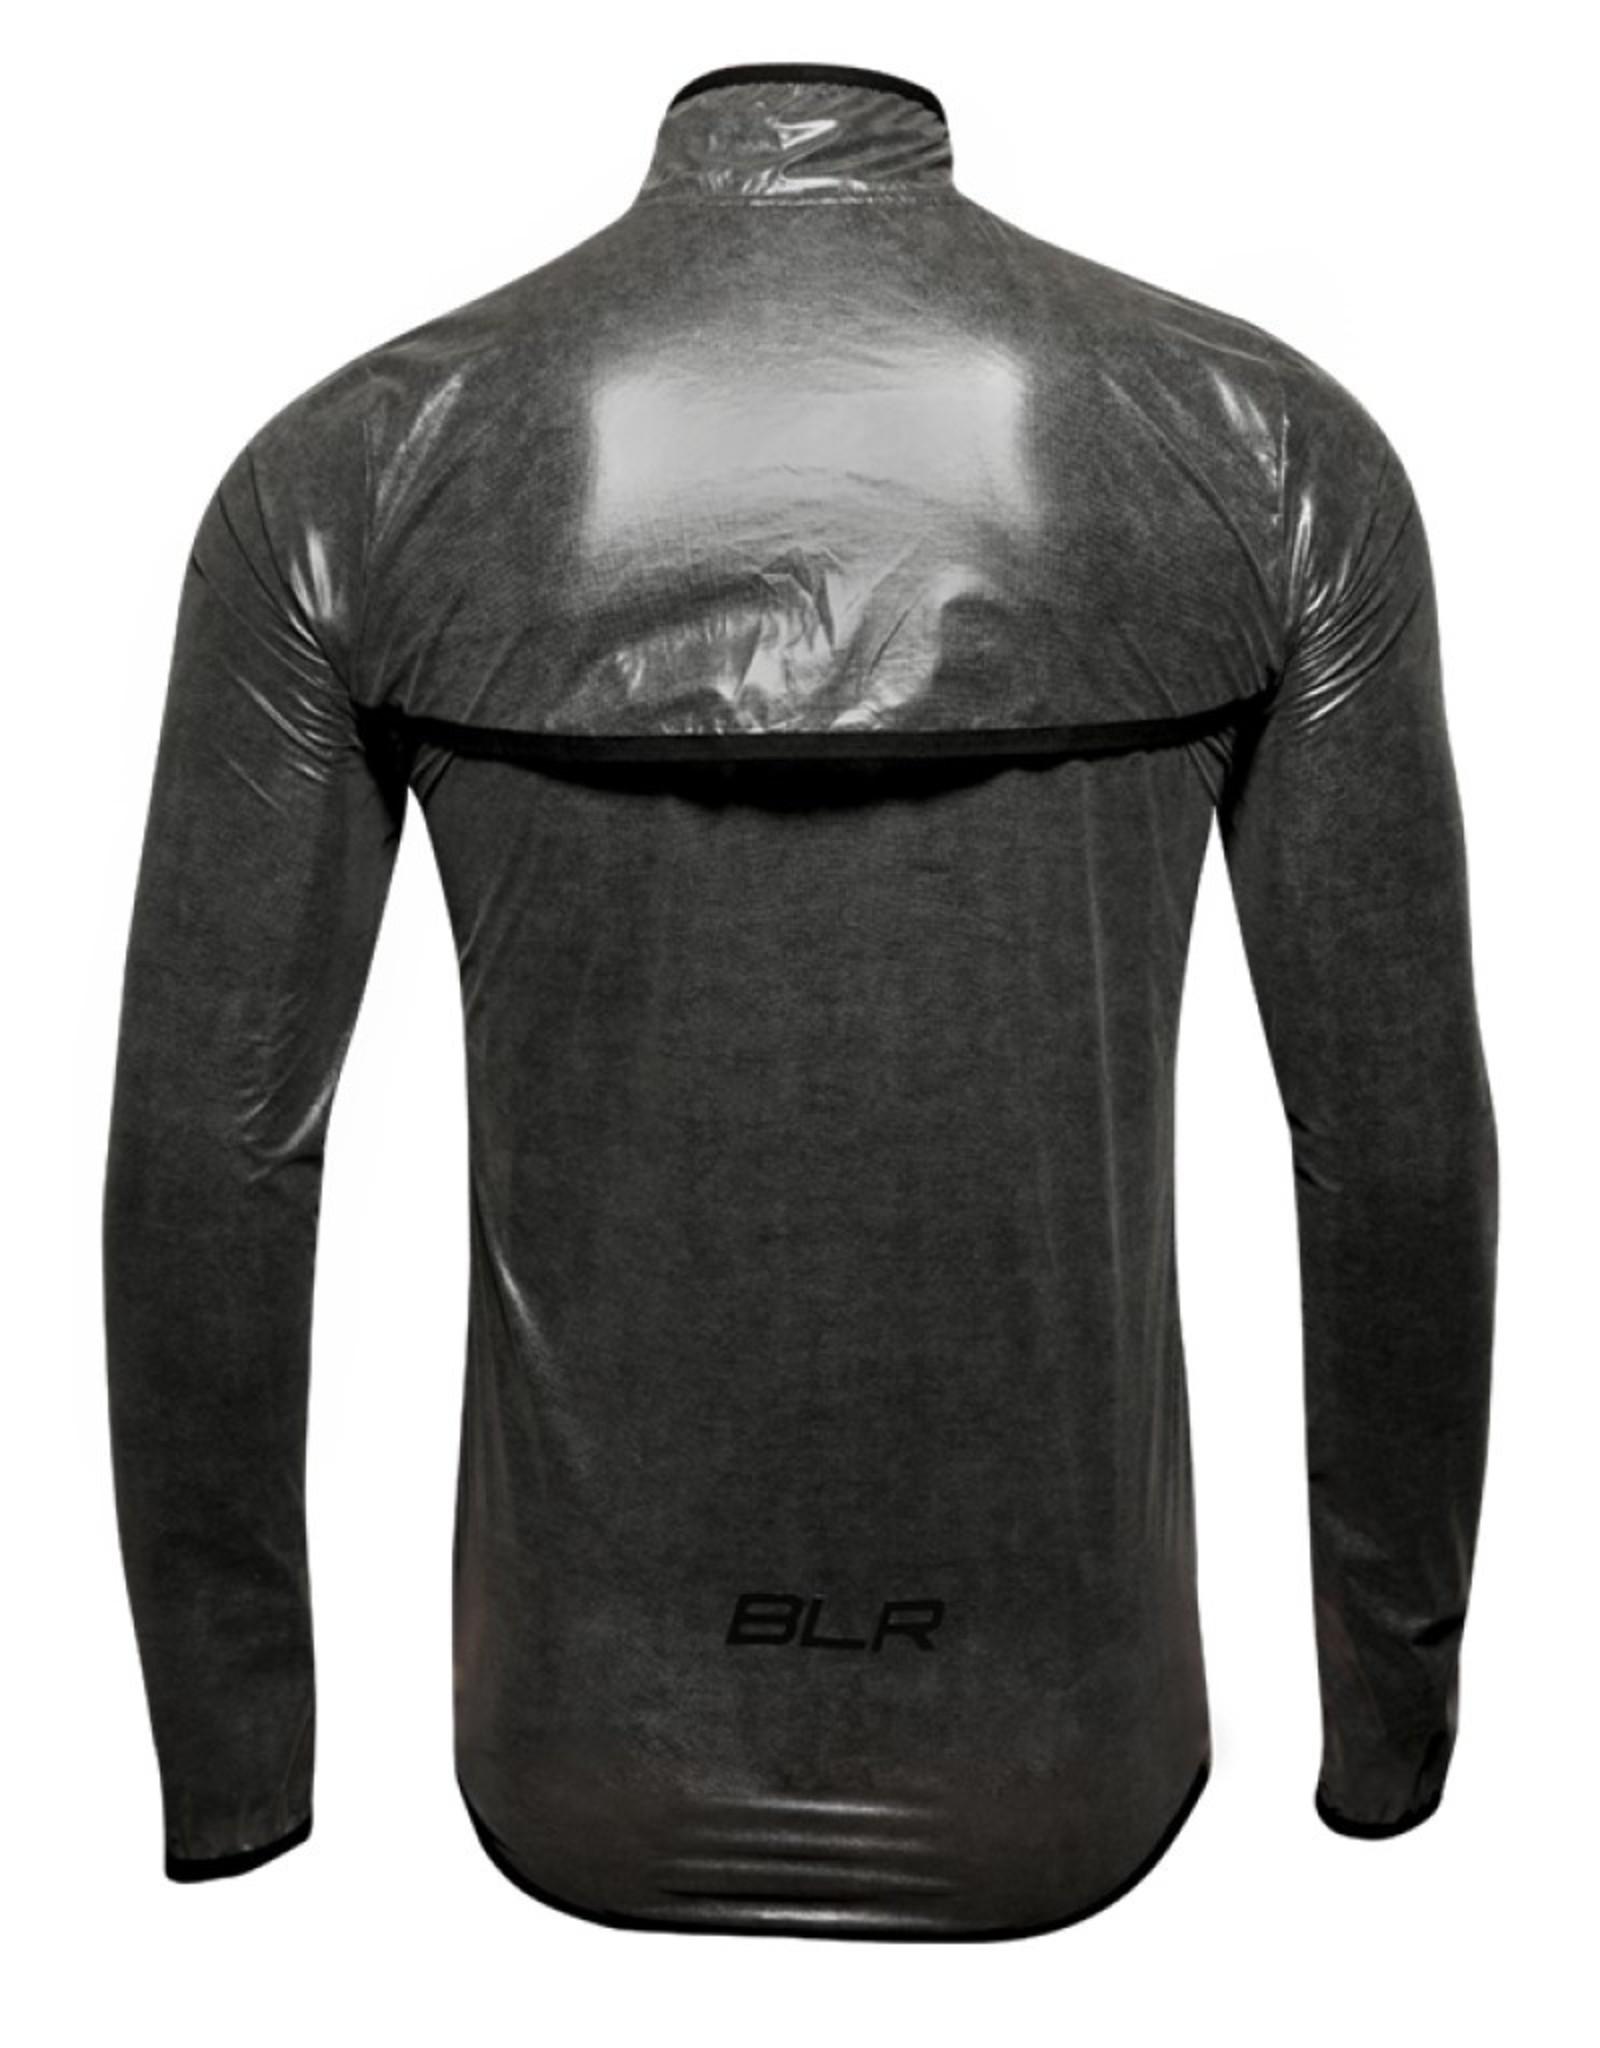 Biehler Technical Reflective Regenjas voor mannen